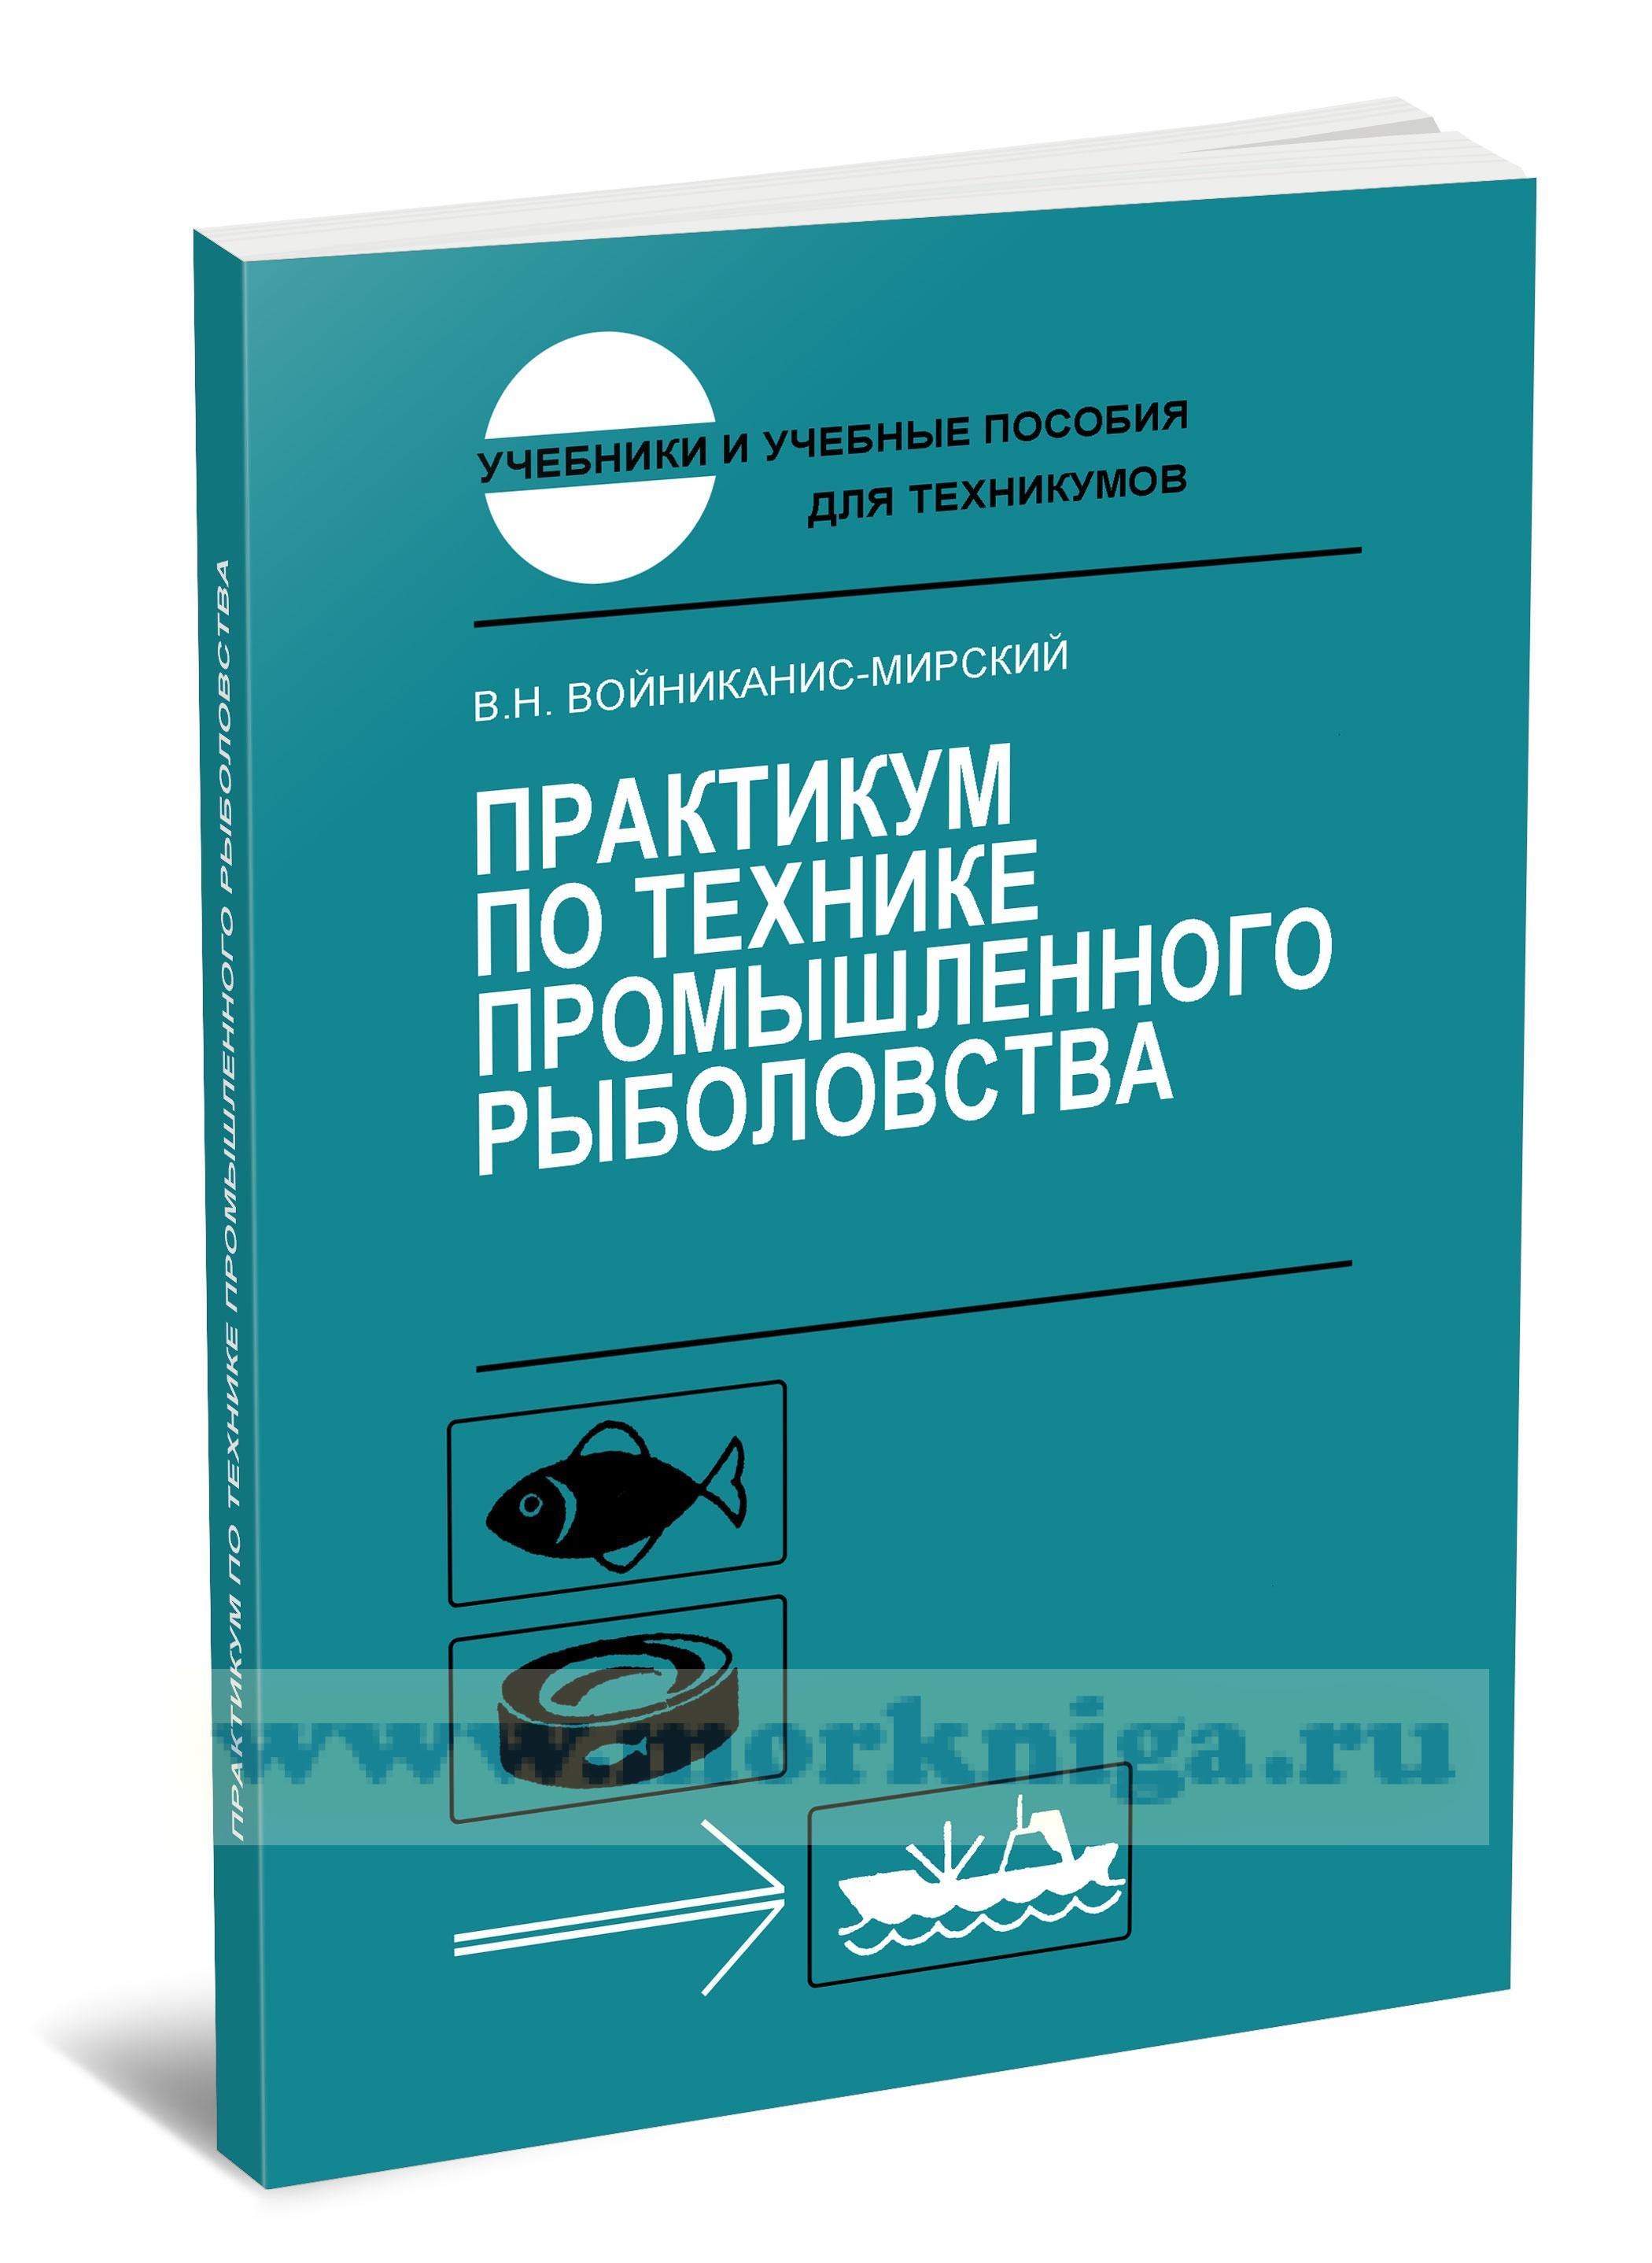 Практикум по технике промышленного рыболовства